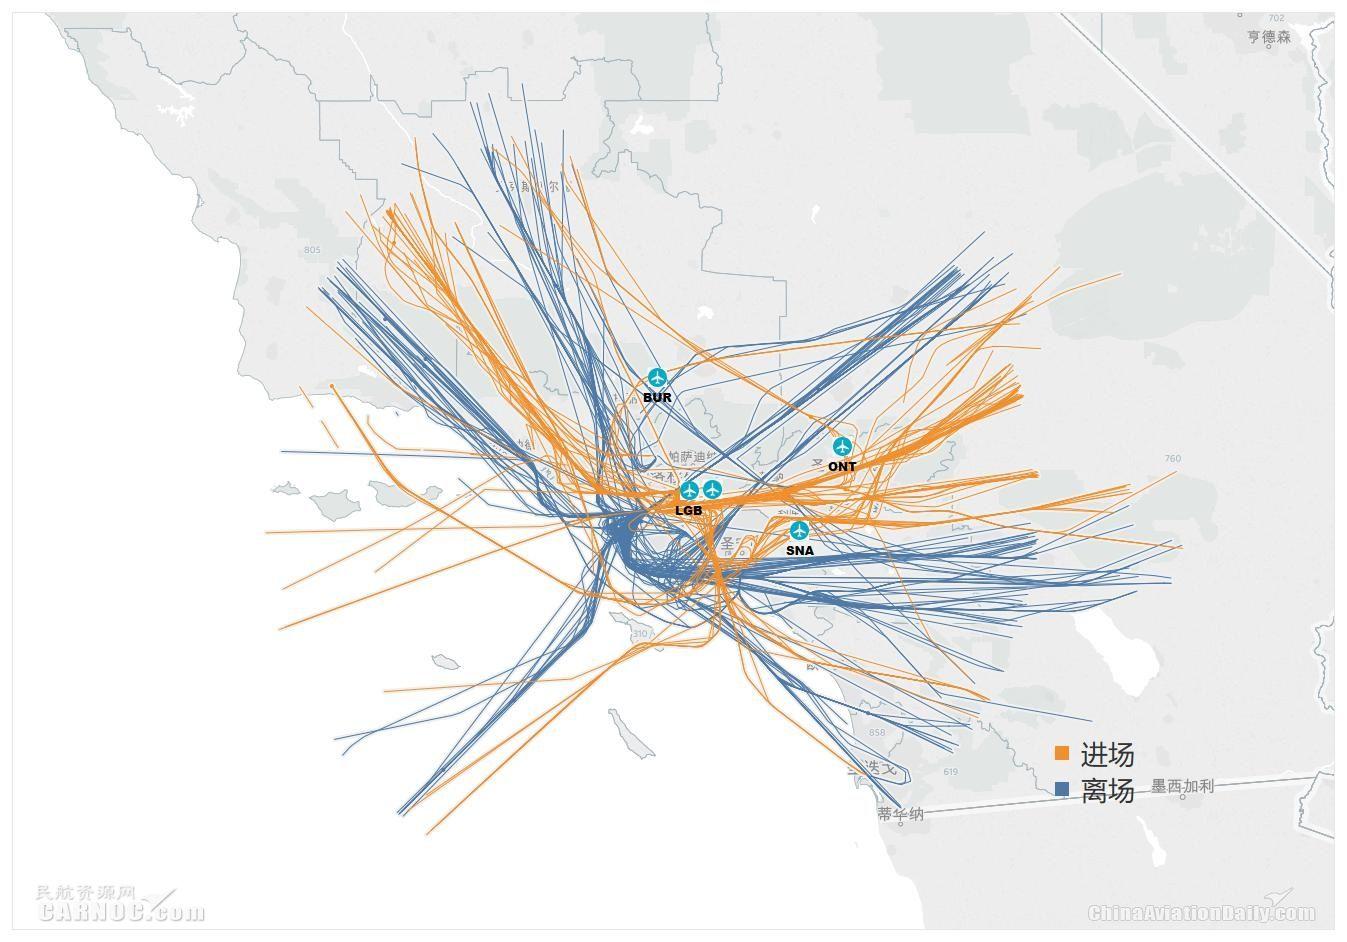 洛杉矶机场群进离场航迹示意图